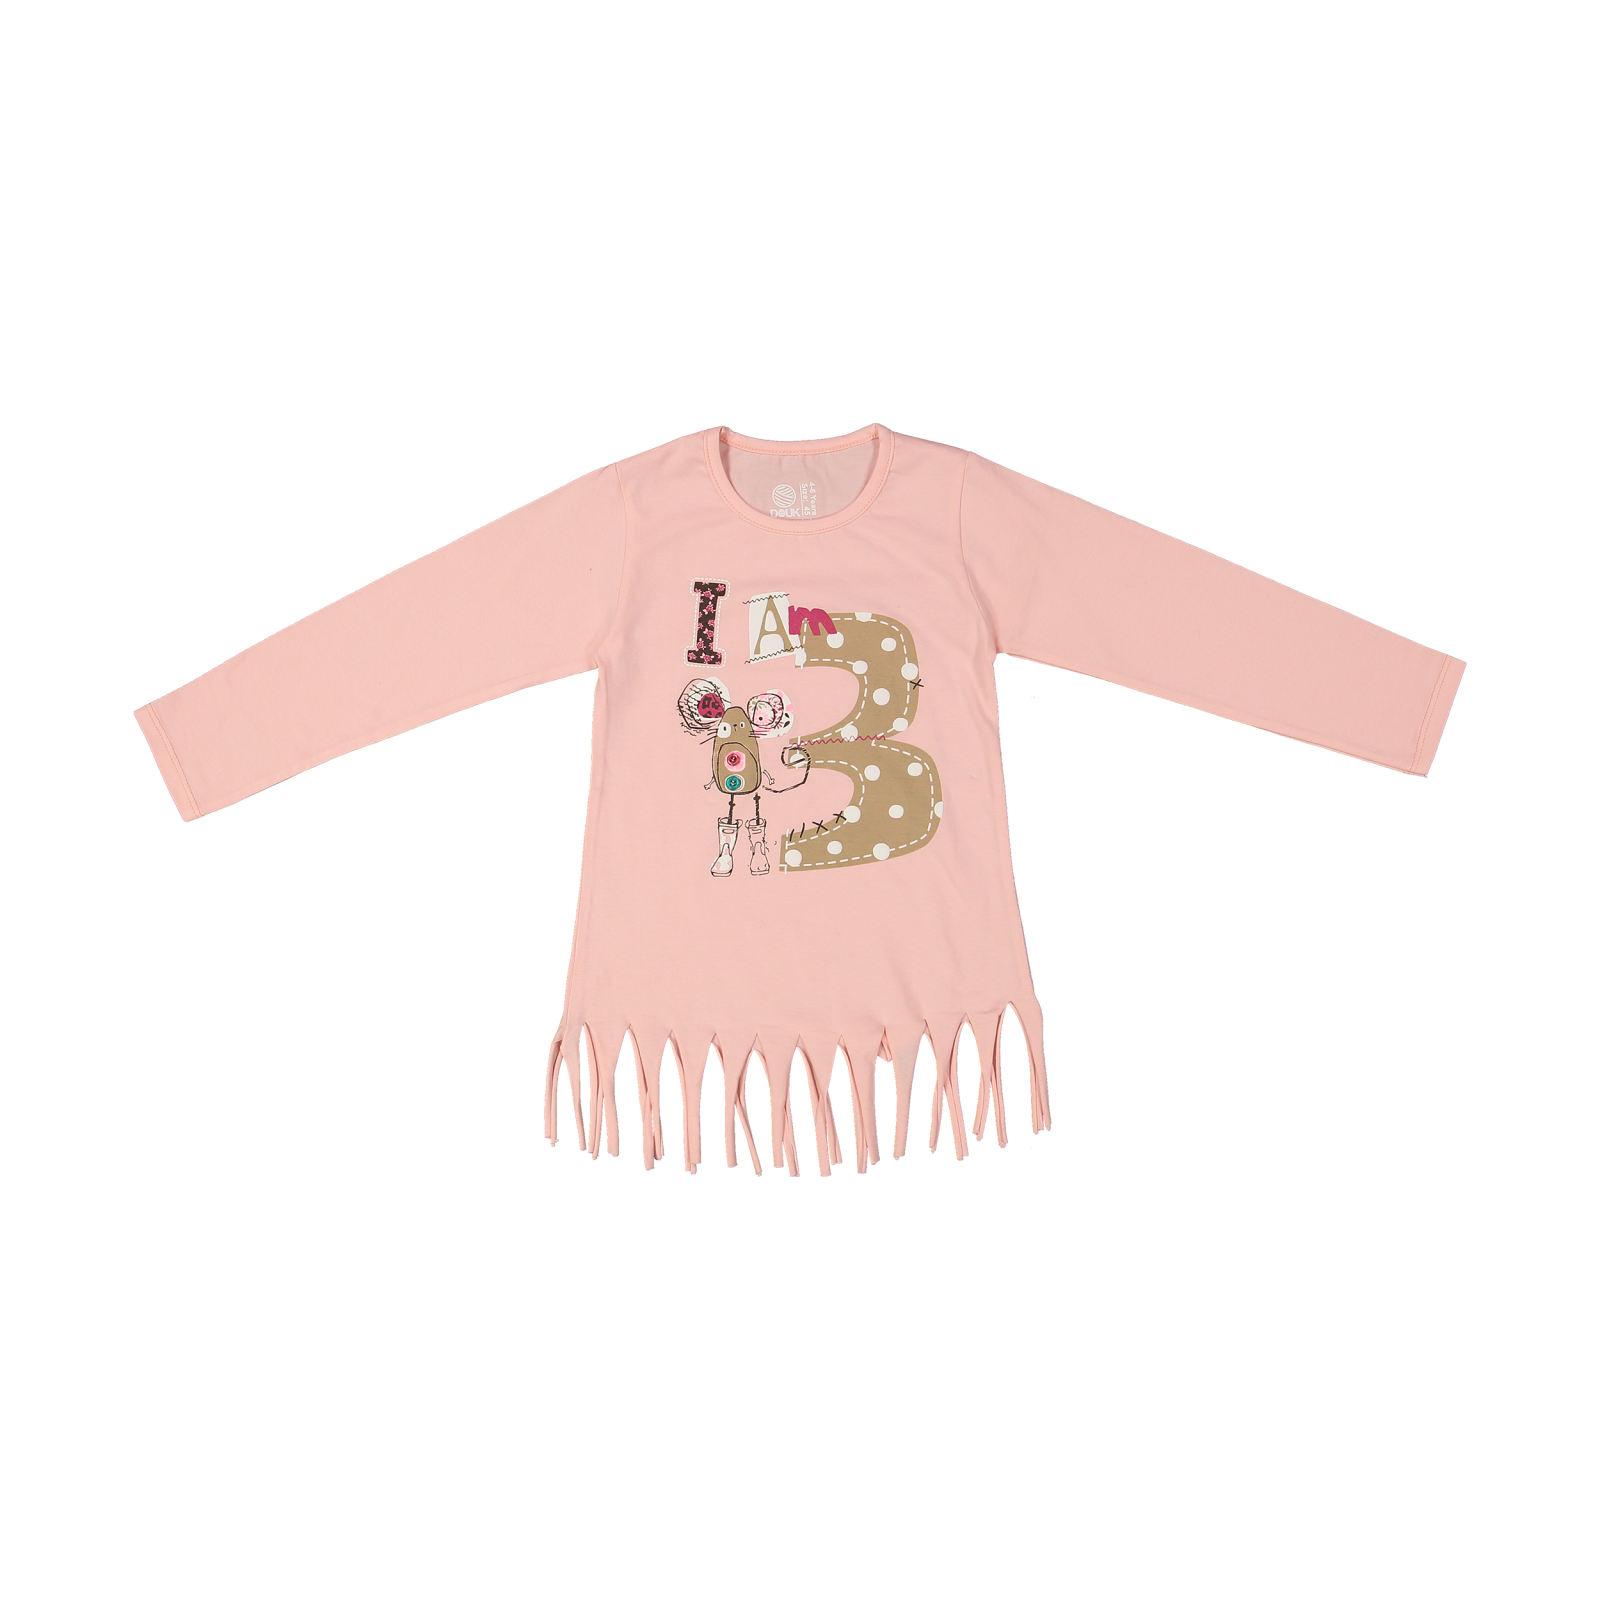 تی شرت دخترانه سون پون مدل 1391350-84 -  - 2